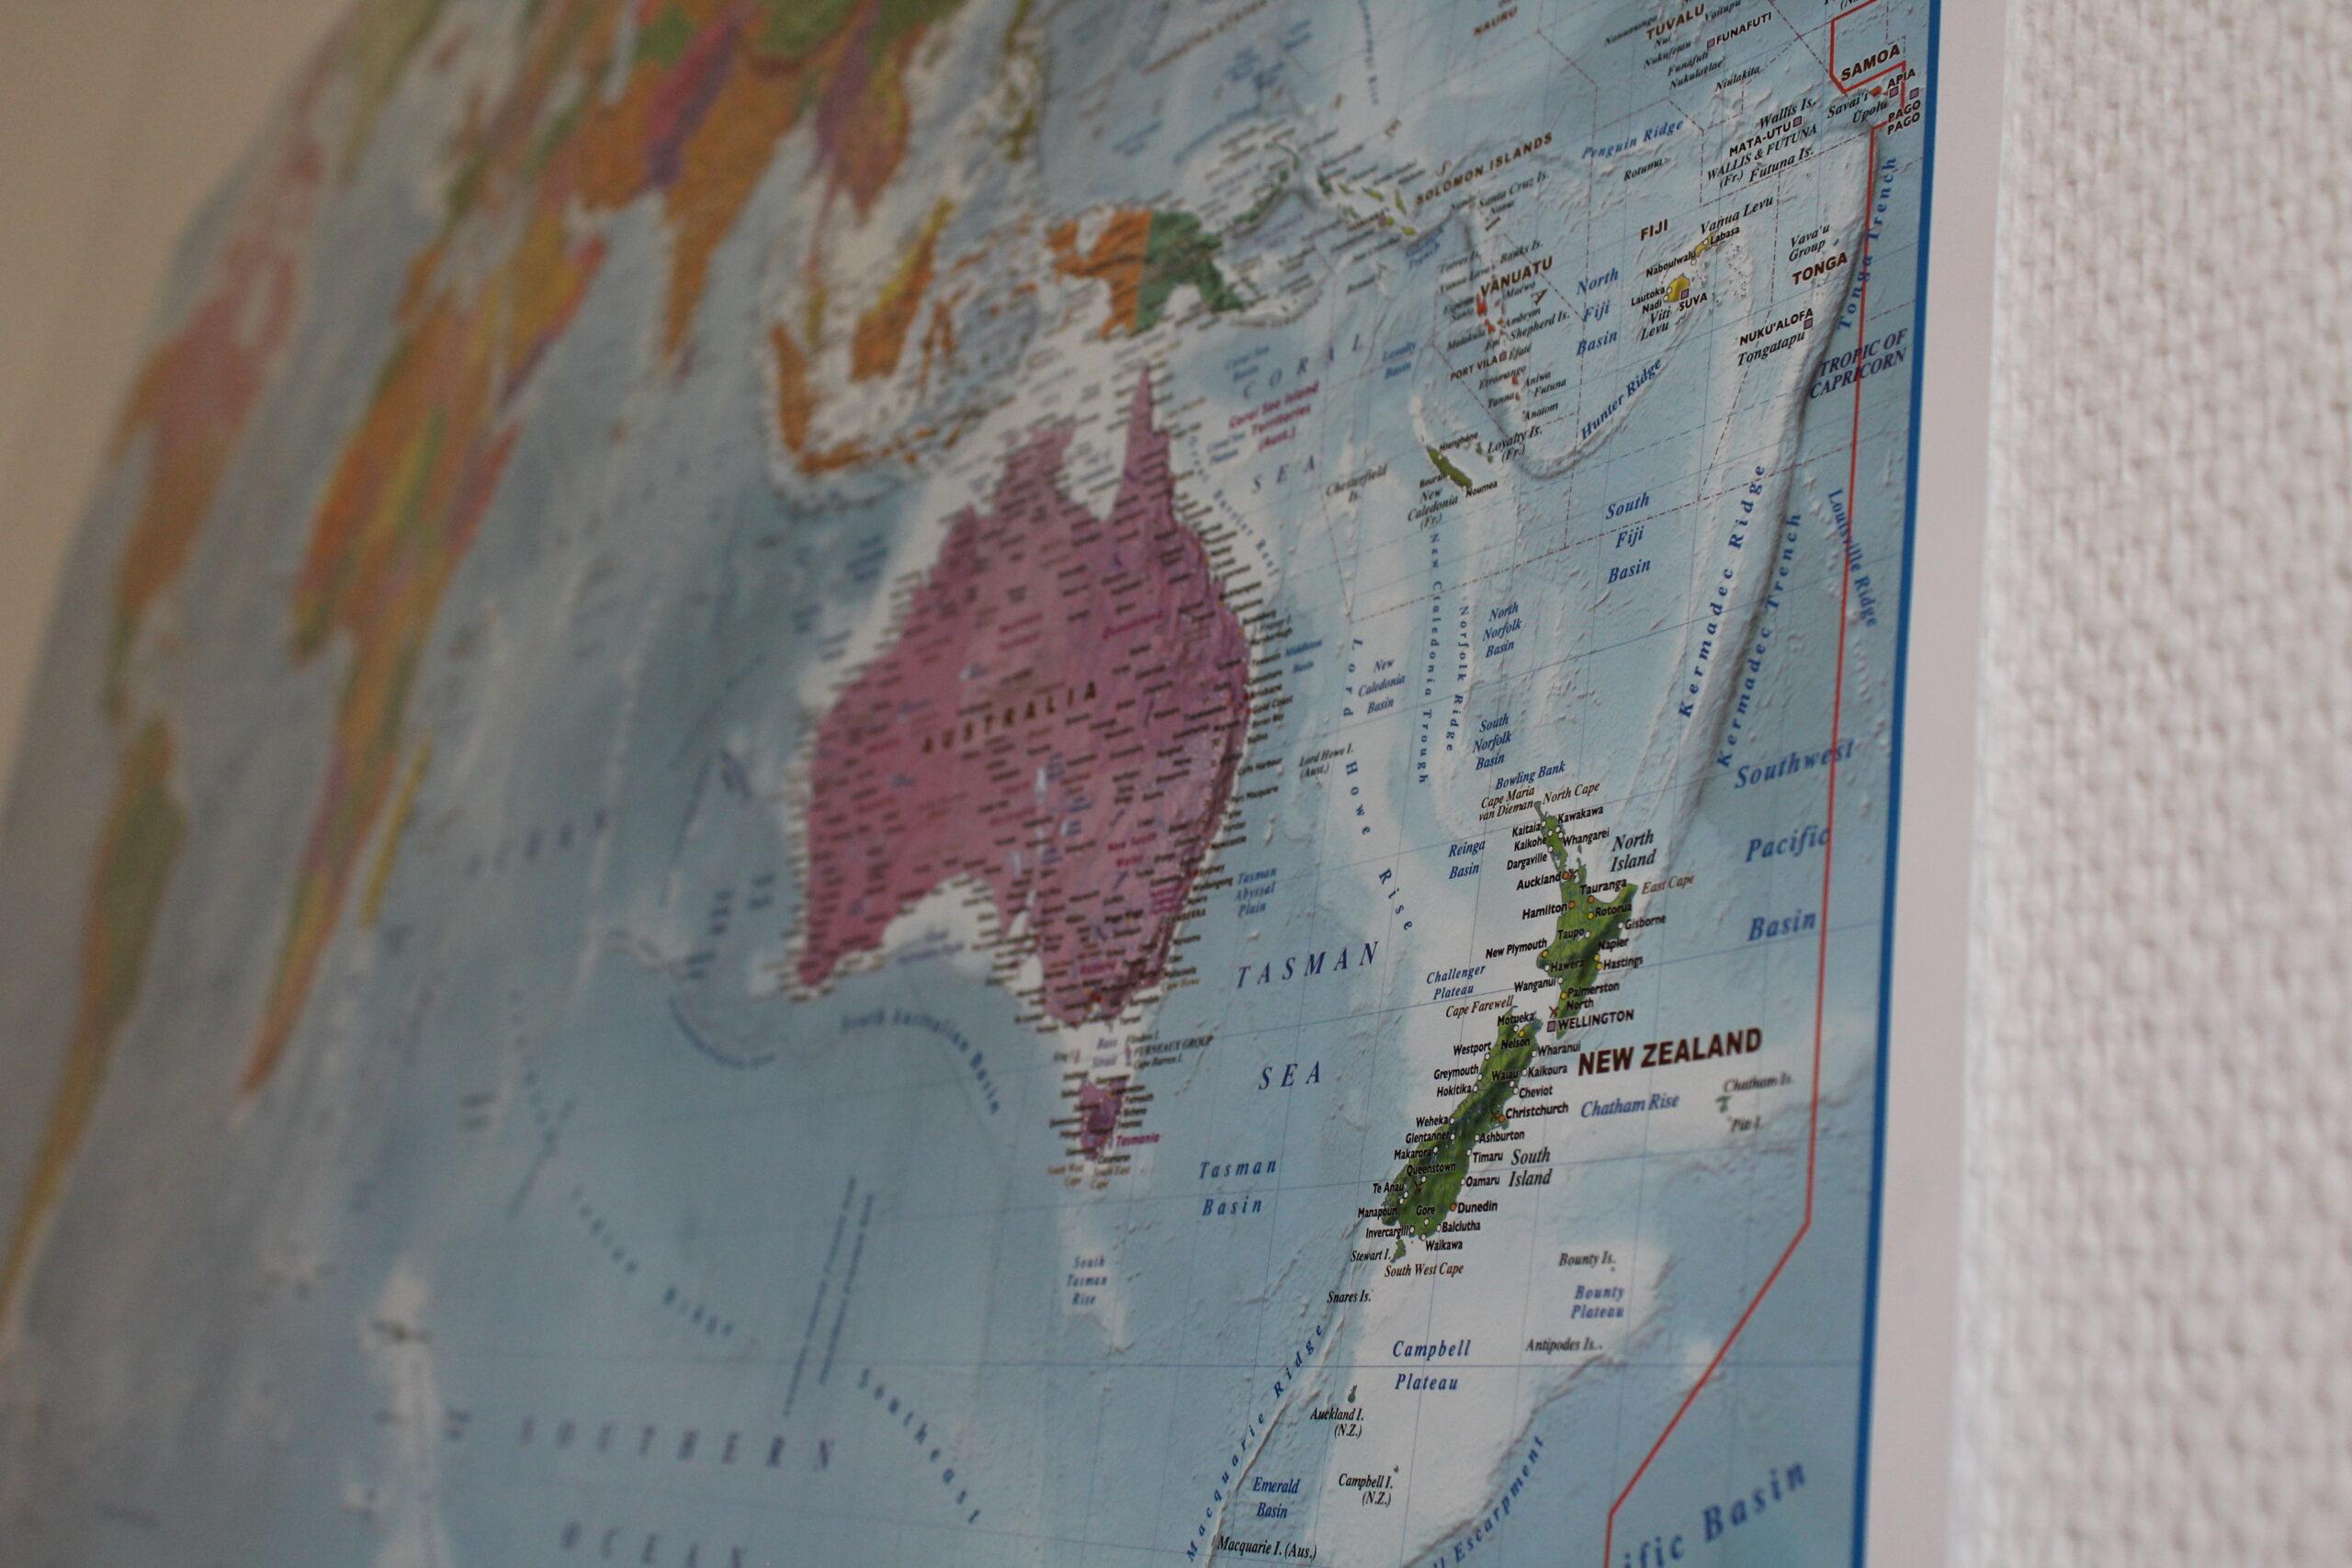 Carte du monde prise dans un certain angle pour que la focale soit faite sur la Nouvelle-Zélande.